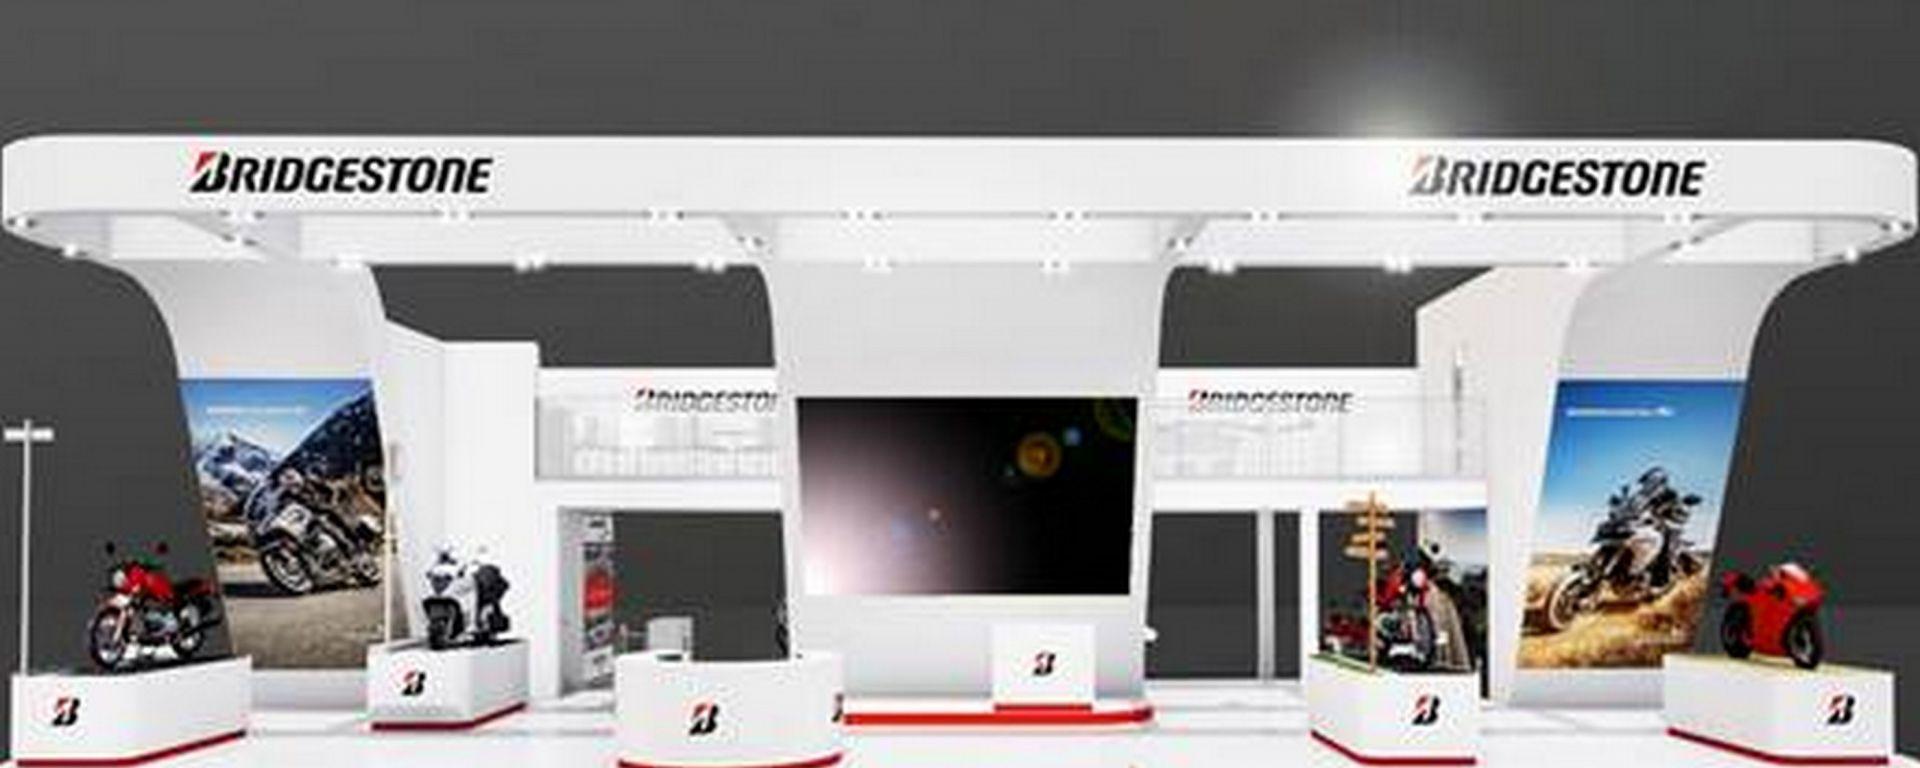 Bridgestone a Eicma 2017: Padiglione 24 – Stand G57